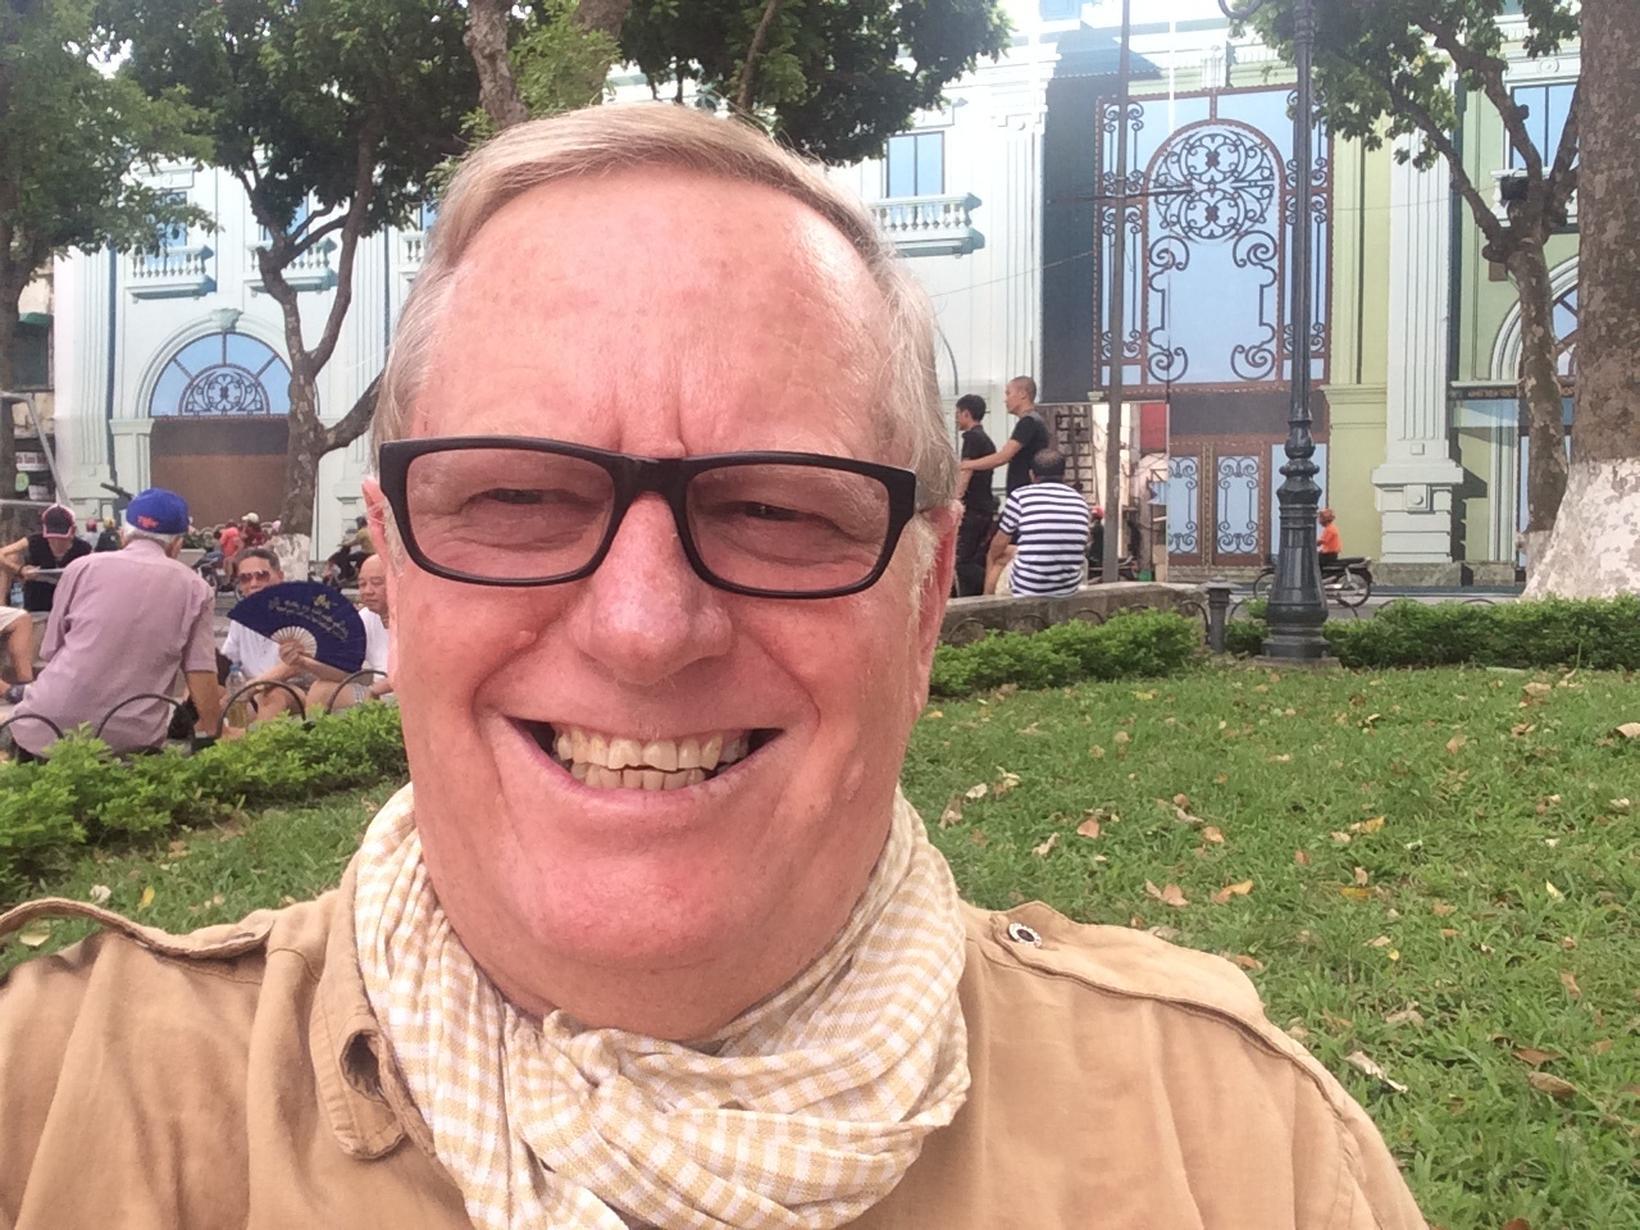 Paul from Denham, United Kingdom